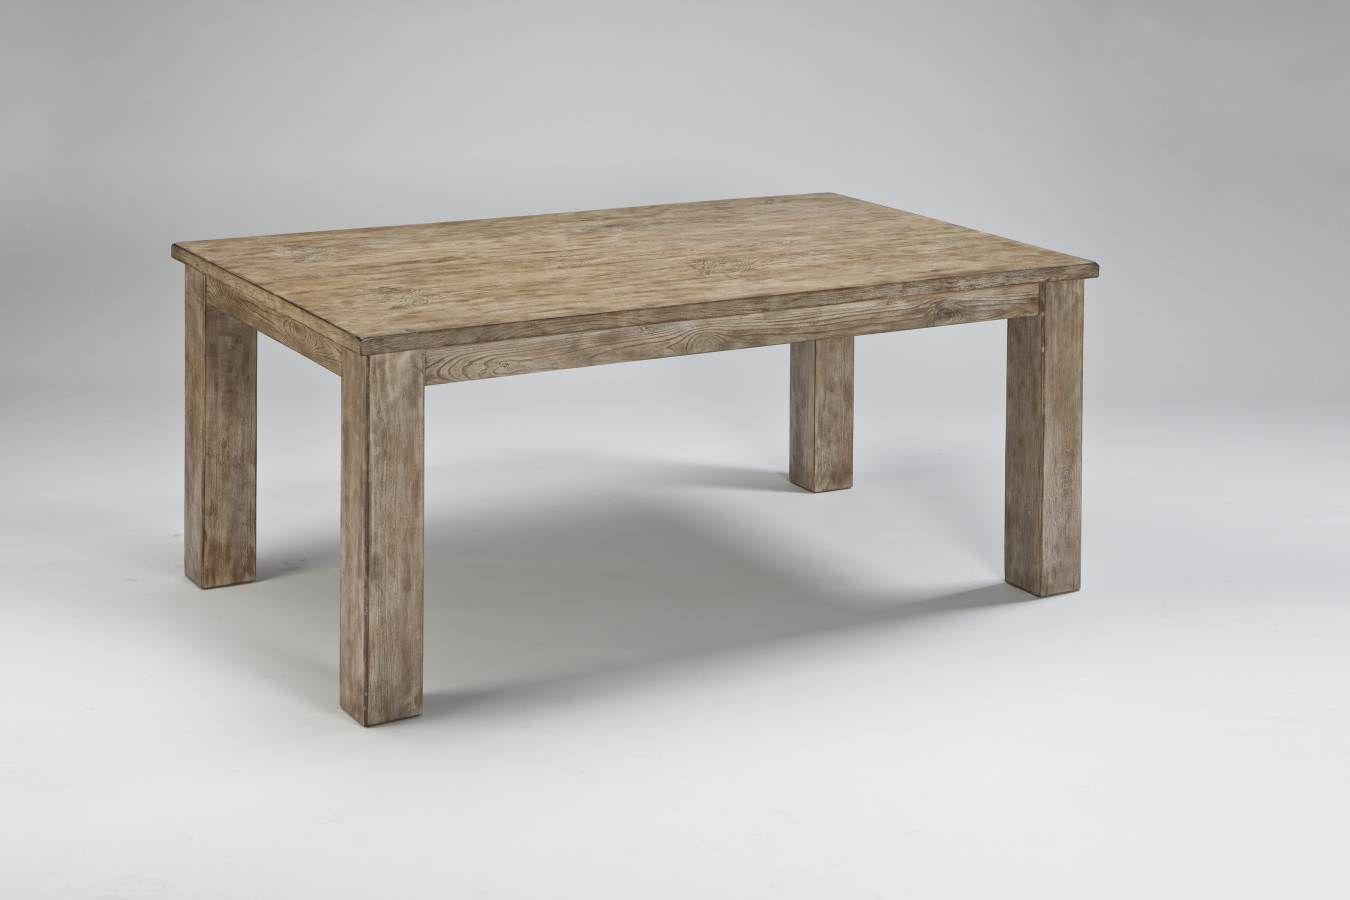 Ashley Furniture Mestler Rectangular Dining Table Rectangular Dining Room Table Dining Table Rectangular Dining Table [ 900 x 1350 Pixel ]